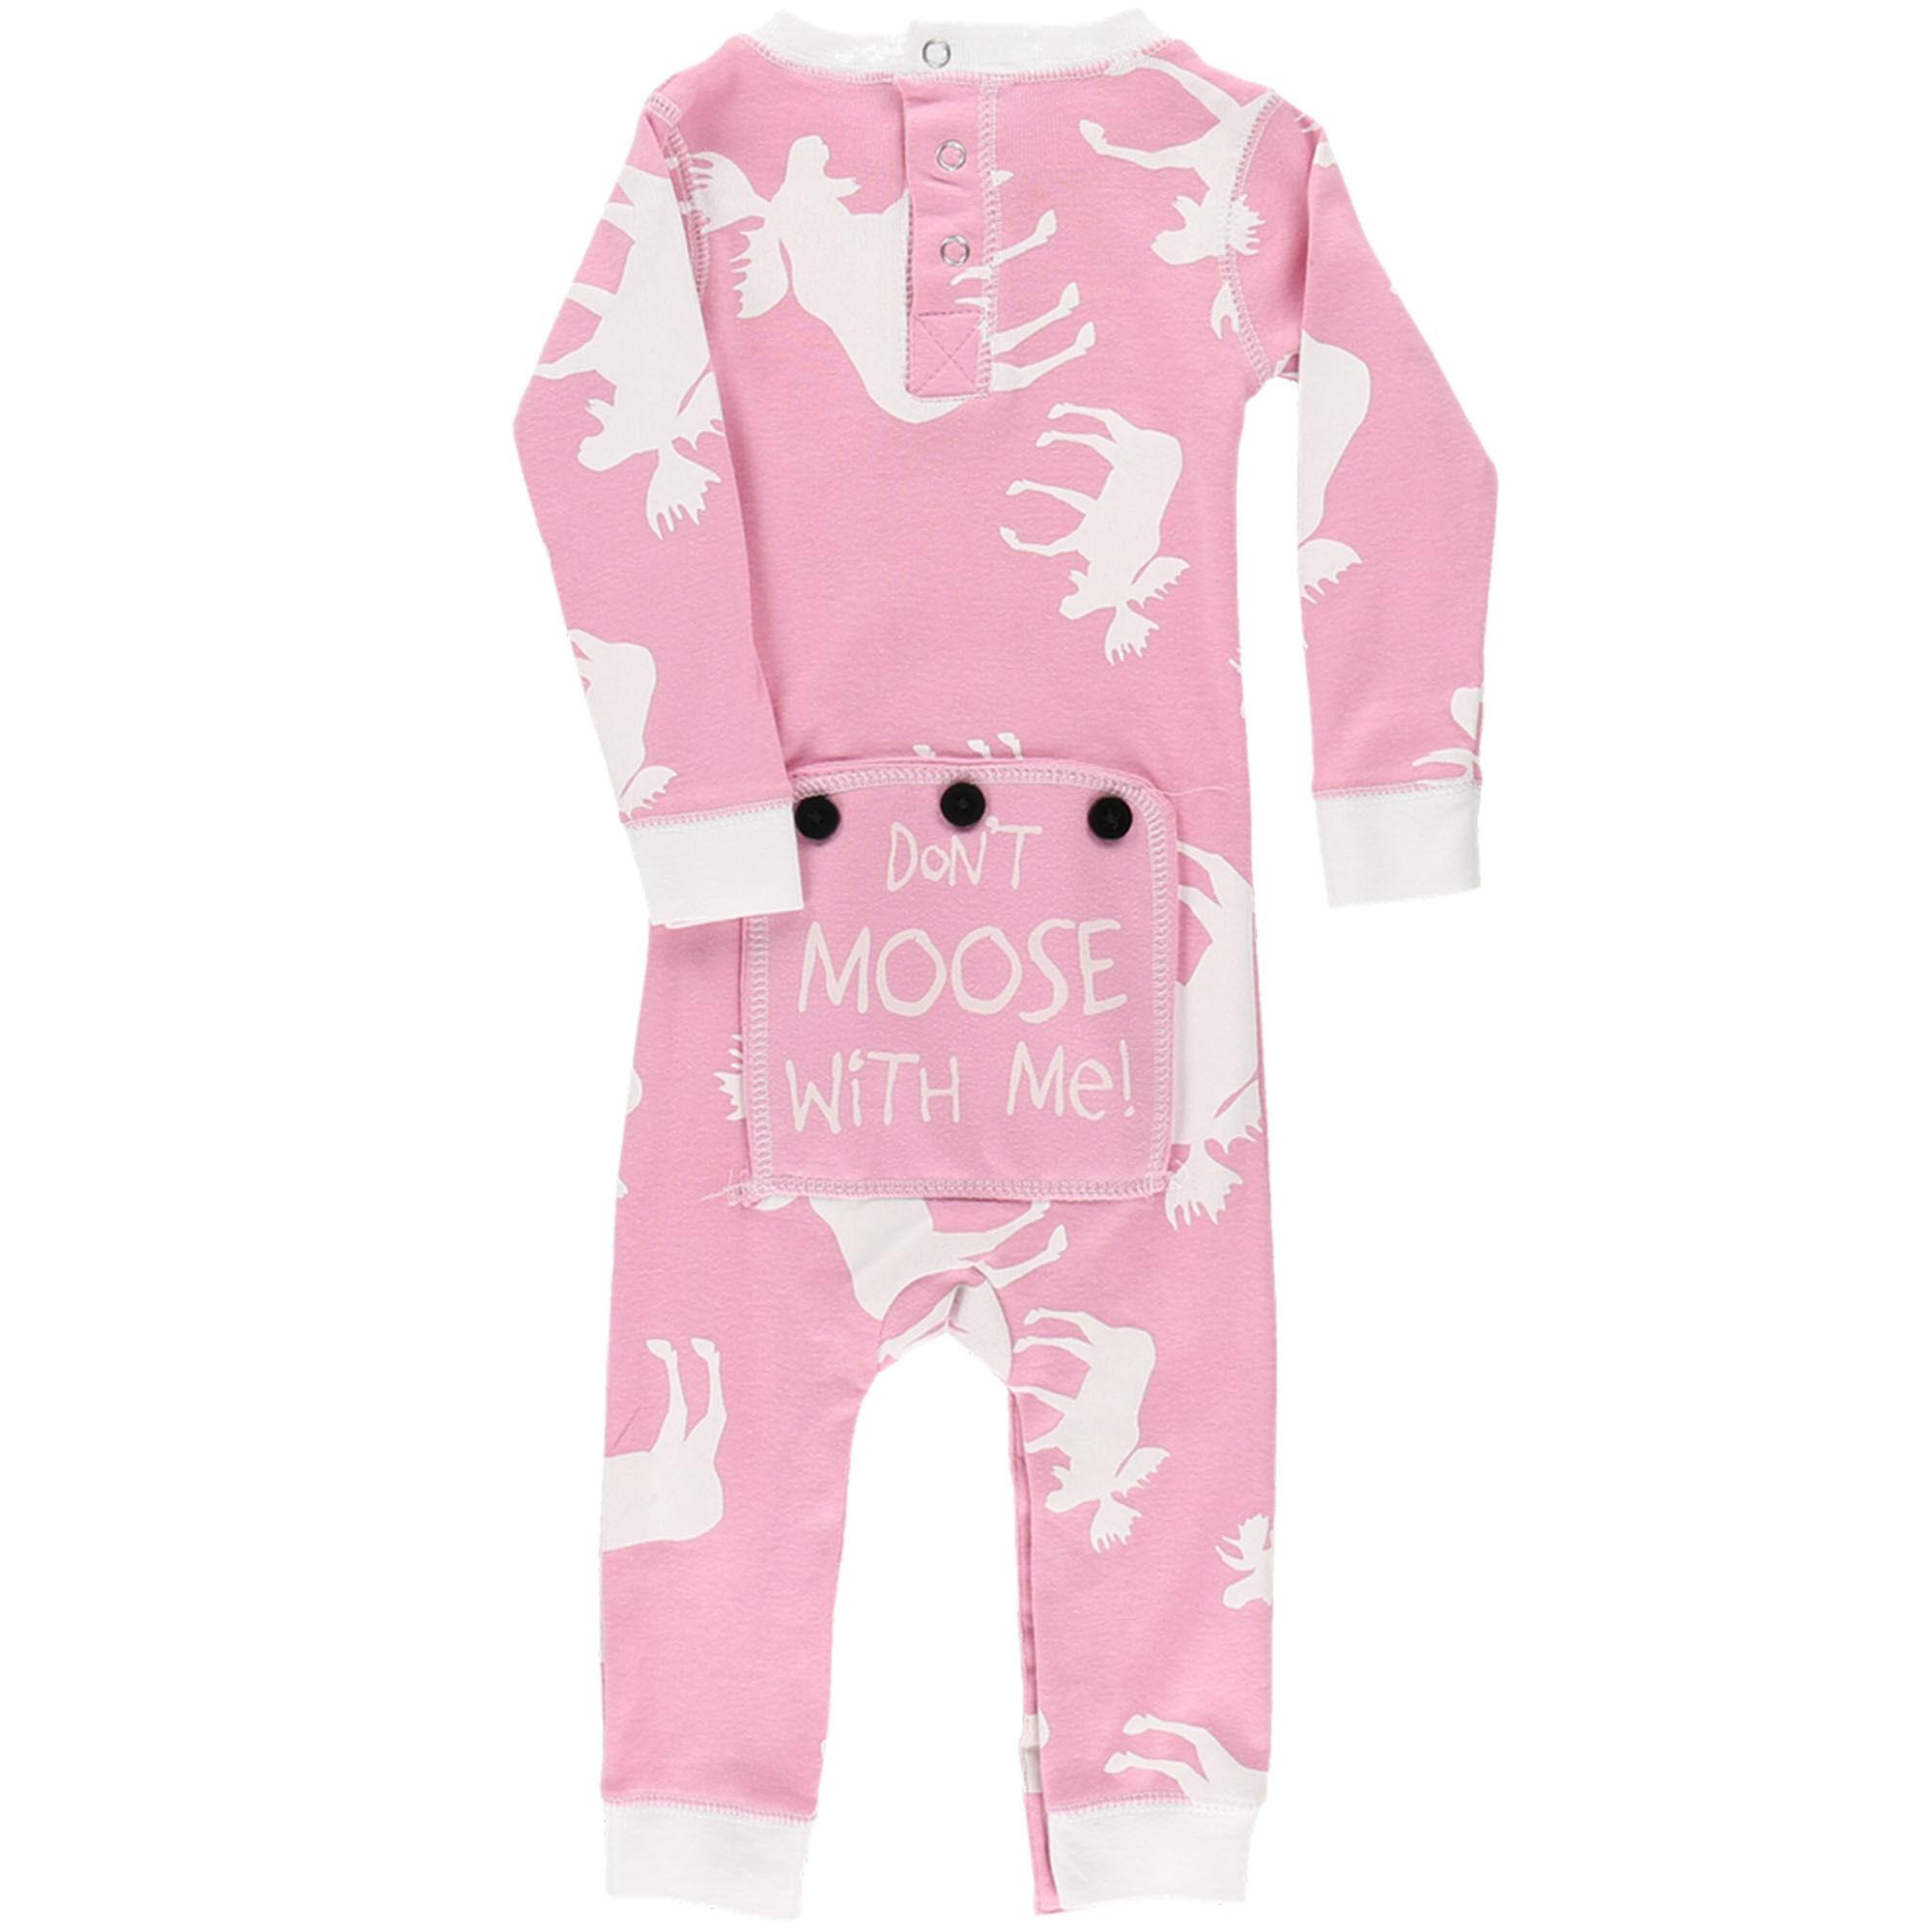 Lazy One Kids Children PJ Pajamas Sleepwear Toddler Pink Zebra Born To be Wild